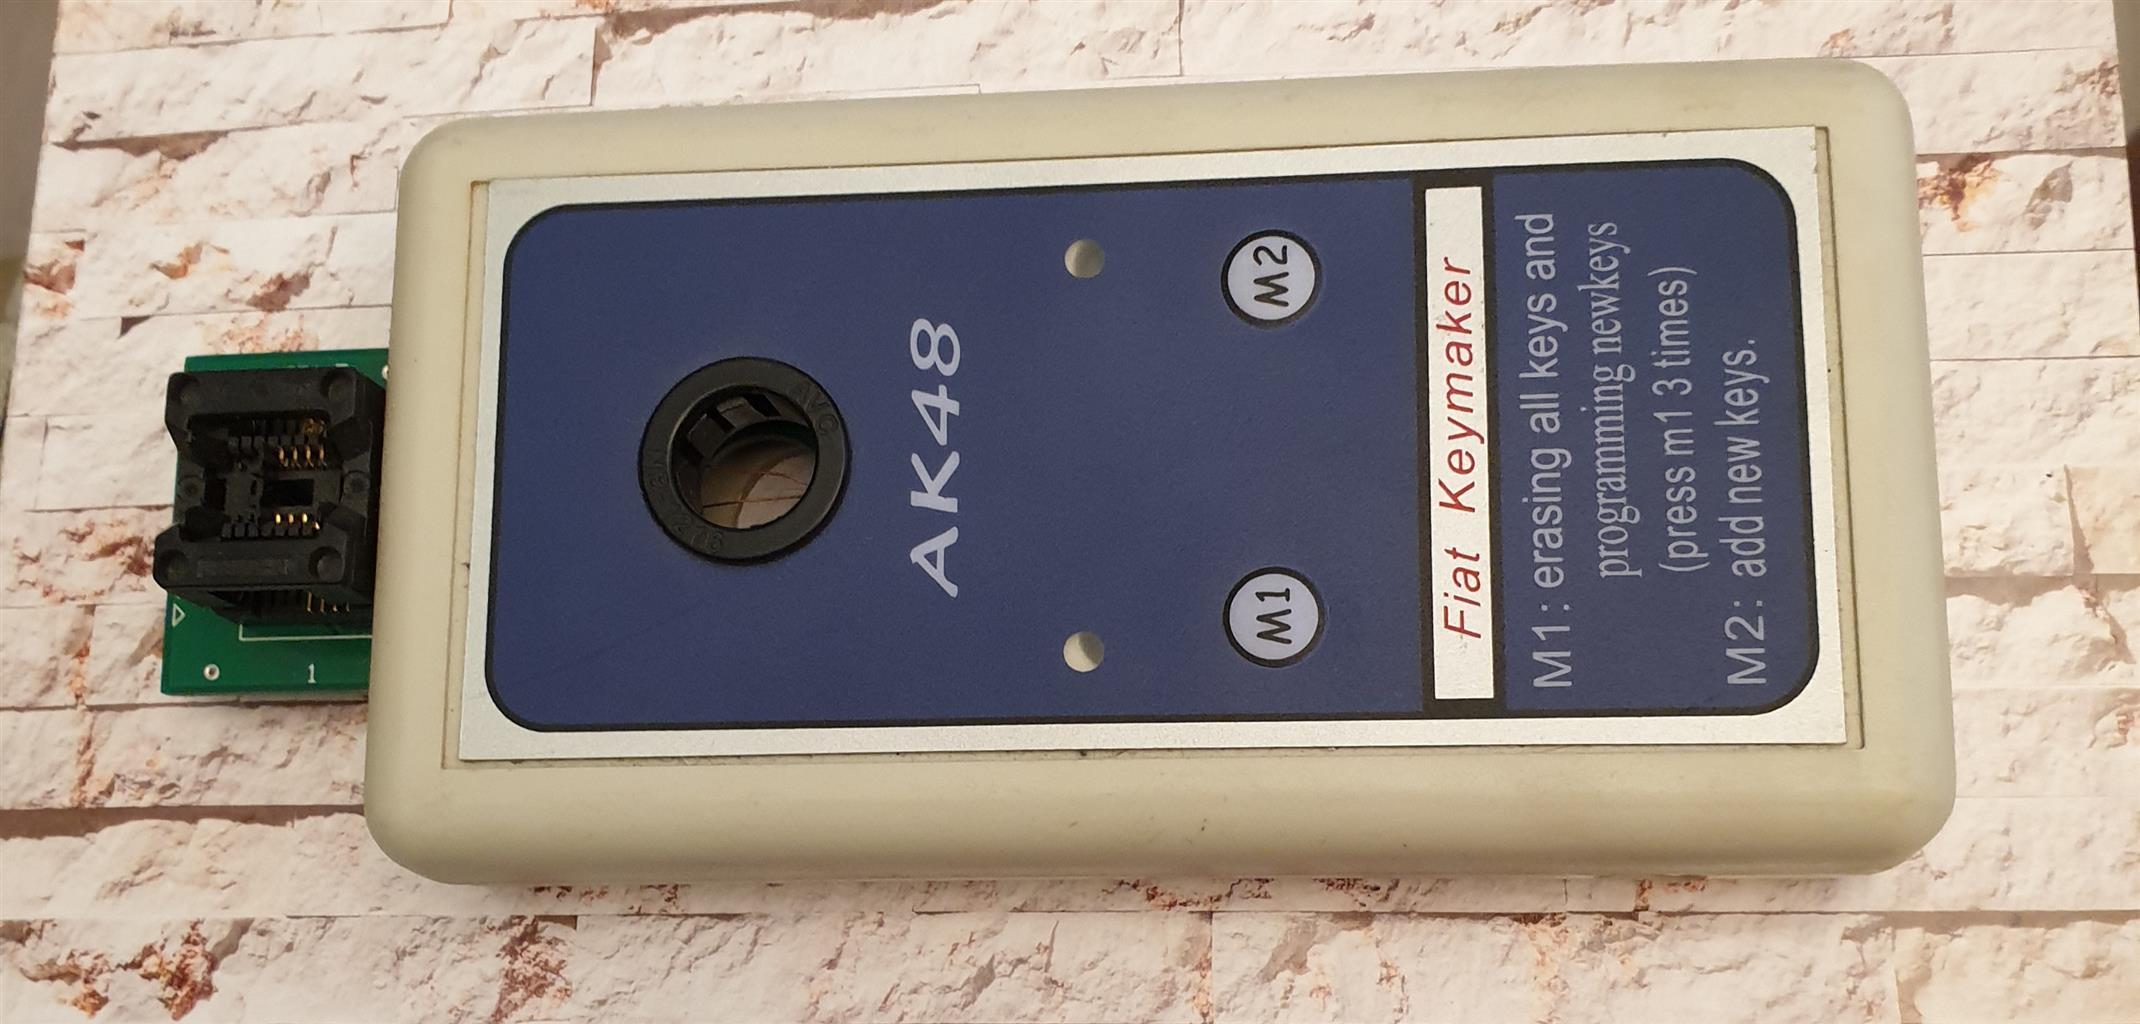 AK 48 Fiat keymaker